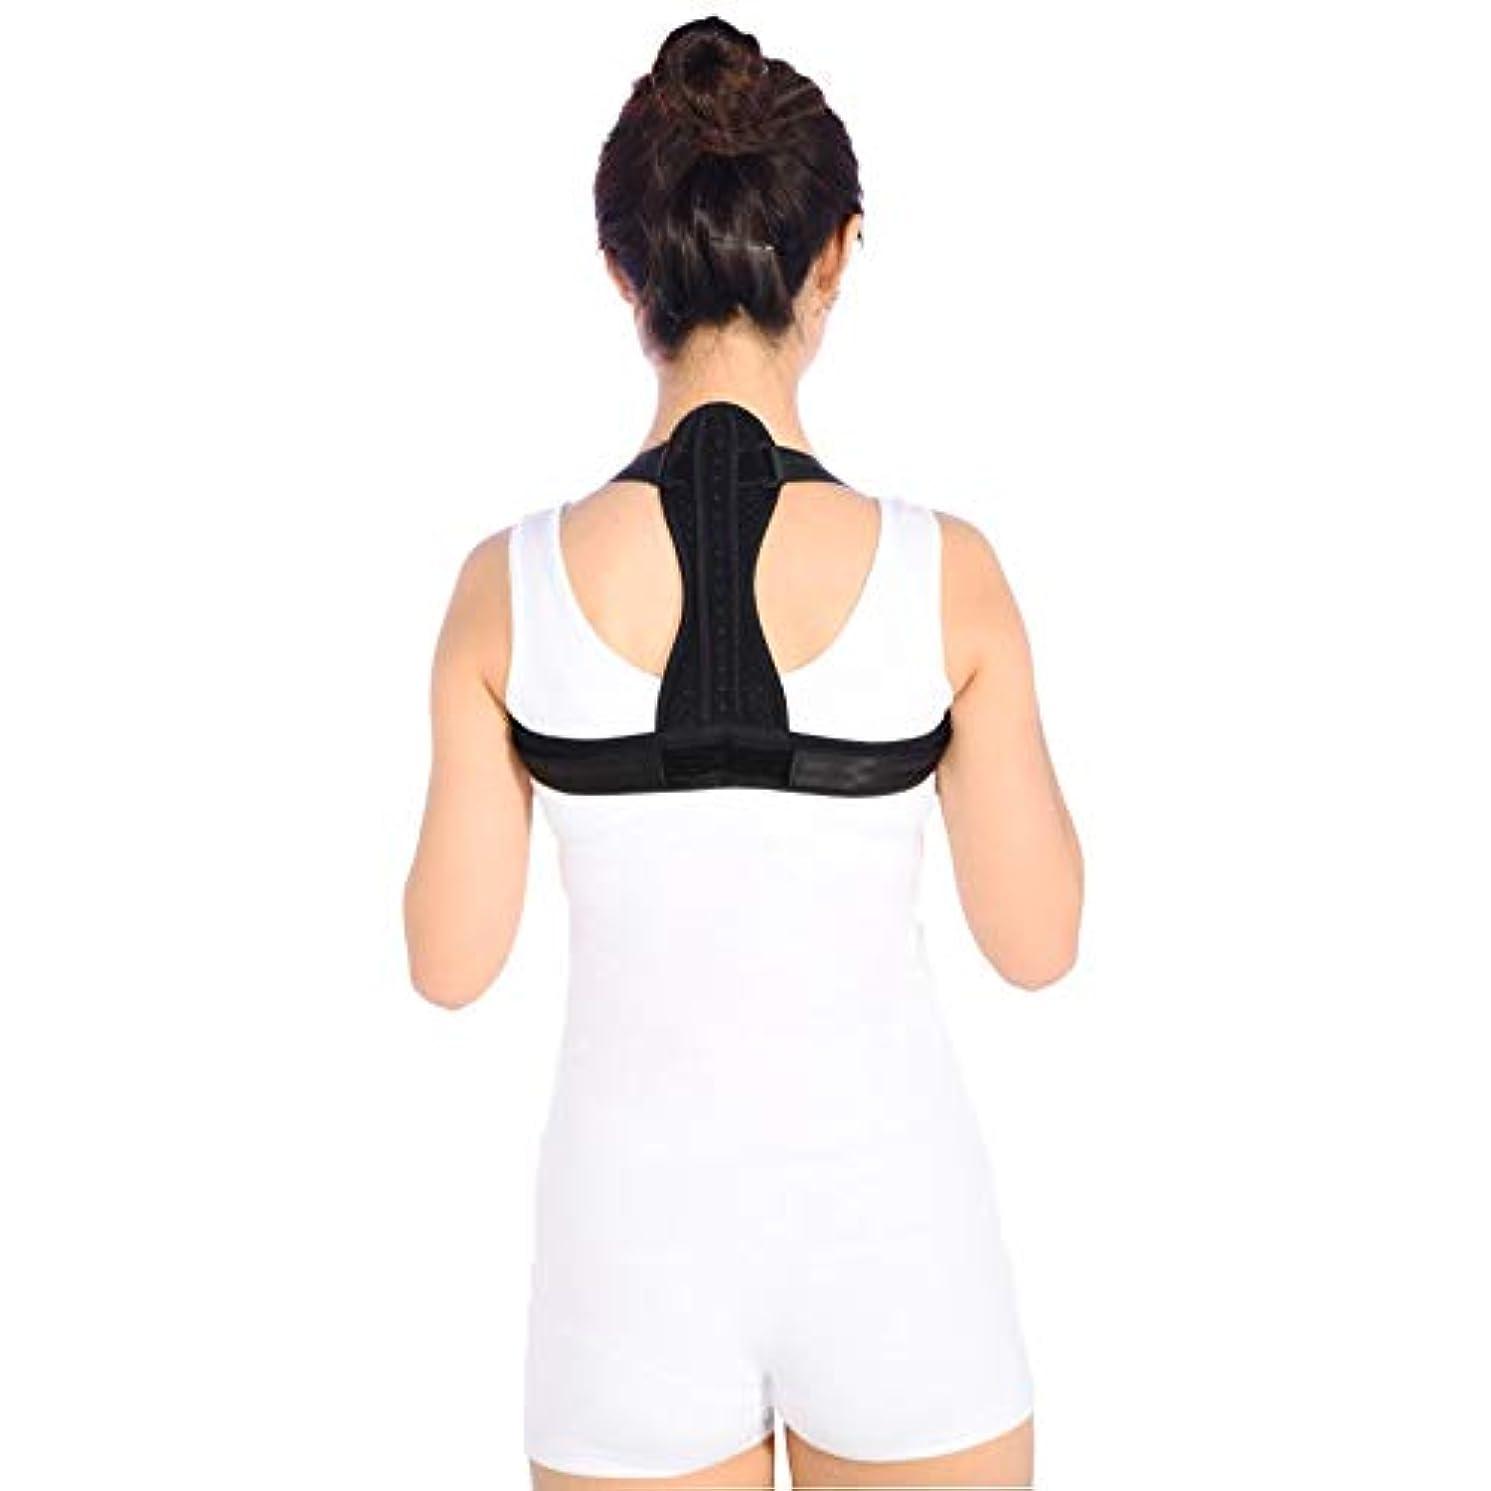 最初にいちゃつく首謀者通気性の脊柱側弯症ザトウクジラ補正ベルト調節可能な快適さ目に見えないベルト男性女性大人学生子供 - 黒